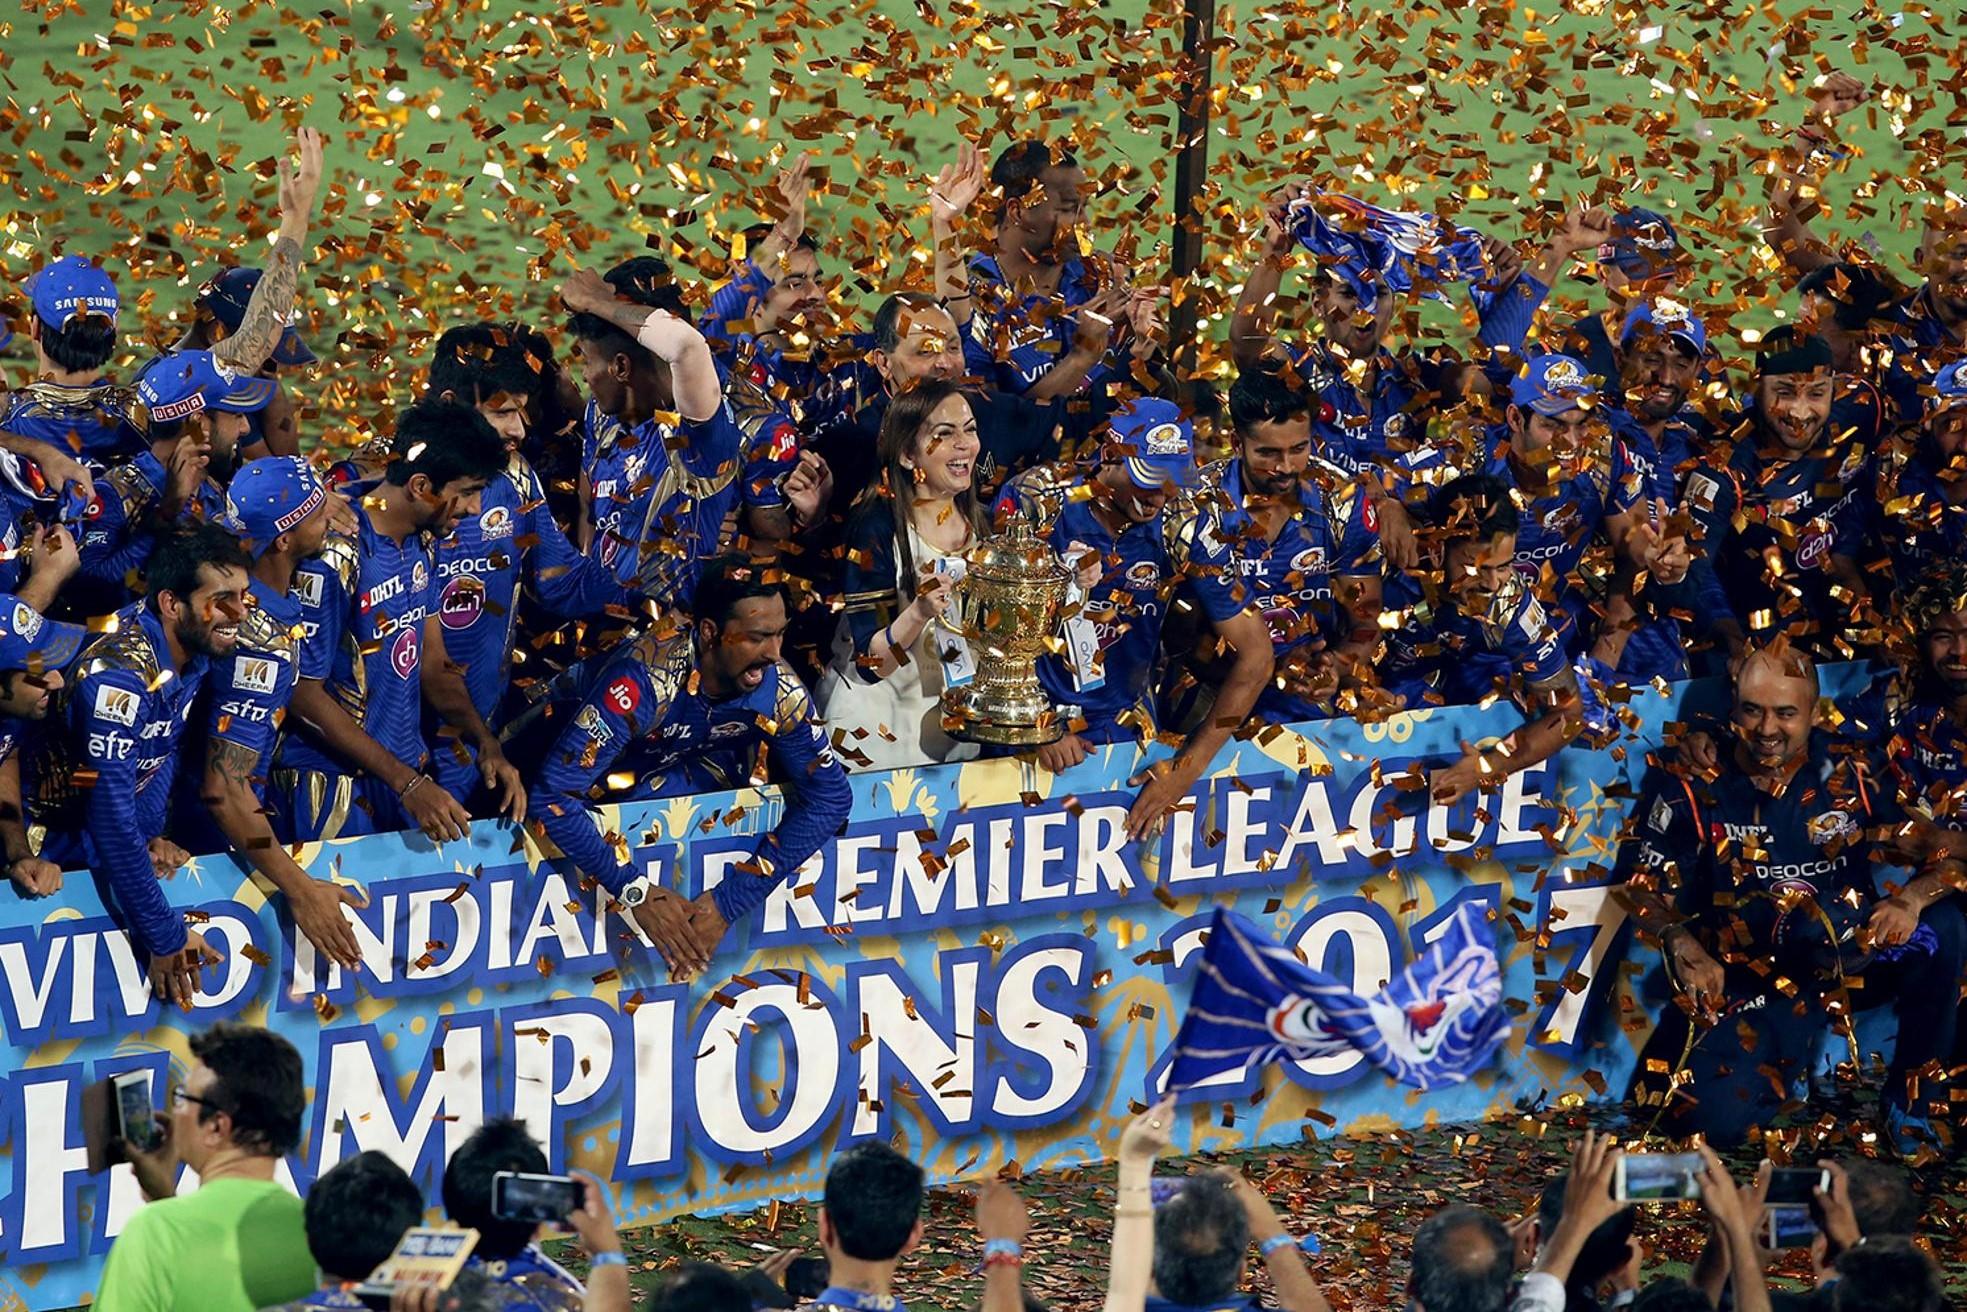 खिताबी जीत के बाद सोशल मीडिया पर छाई मुंबई इंडियन्स की टीम, युवराज, रैना और कैफ जैसे दिग्गजों ने दी बधाई 54